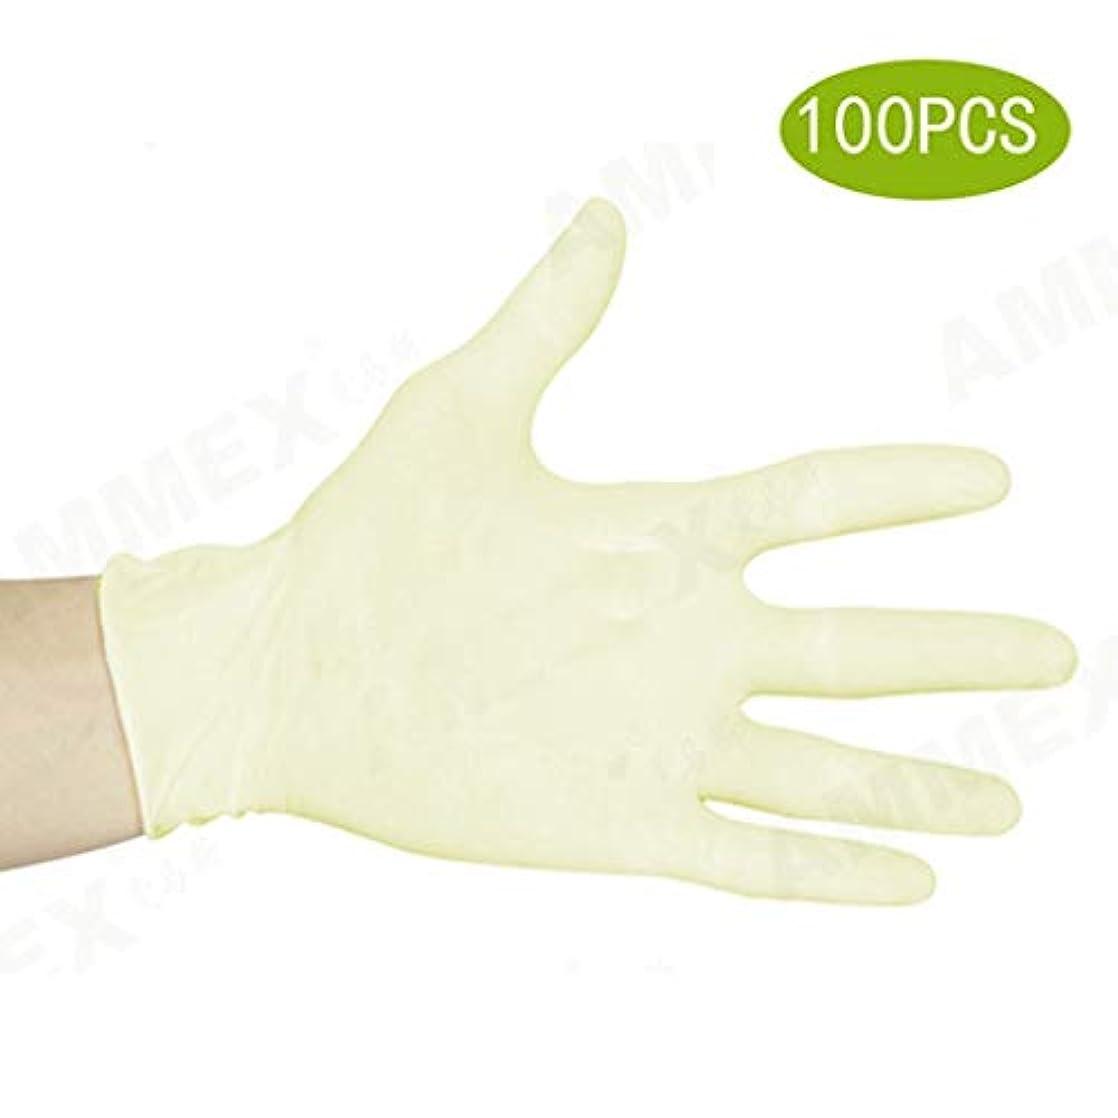 渇きシンカン飛行機ニトリル手袋、パウダーフリー、ラテックスゴムフリー、使い捨て手袋 - 非滅菌、食品安全、医療用グレード、100の便利なディスペンサーパック、ビニール手袋(エクストラストレングス) (Color : Latex Gloves...